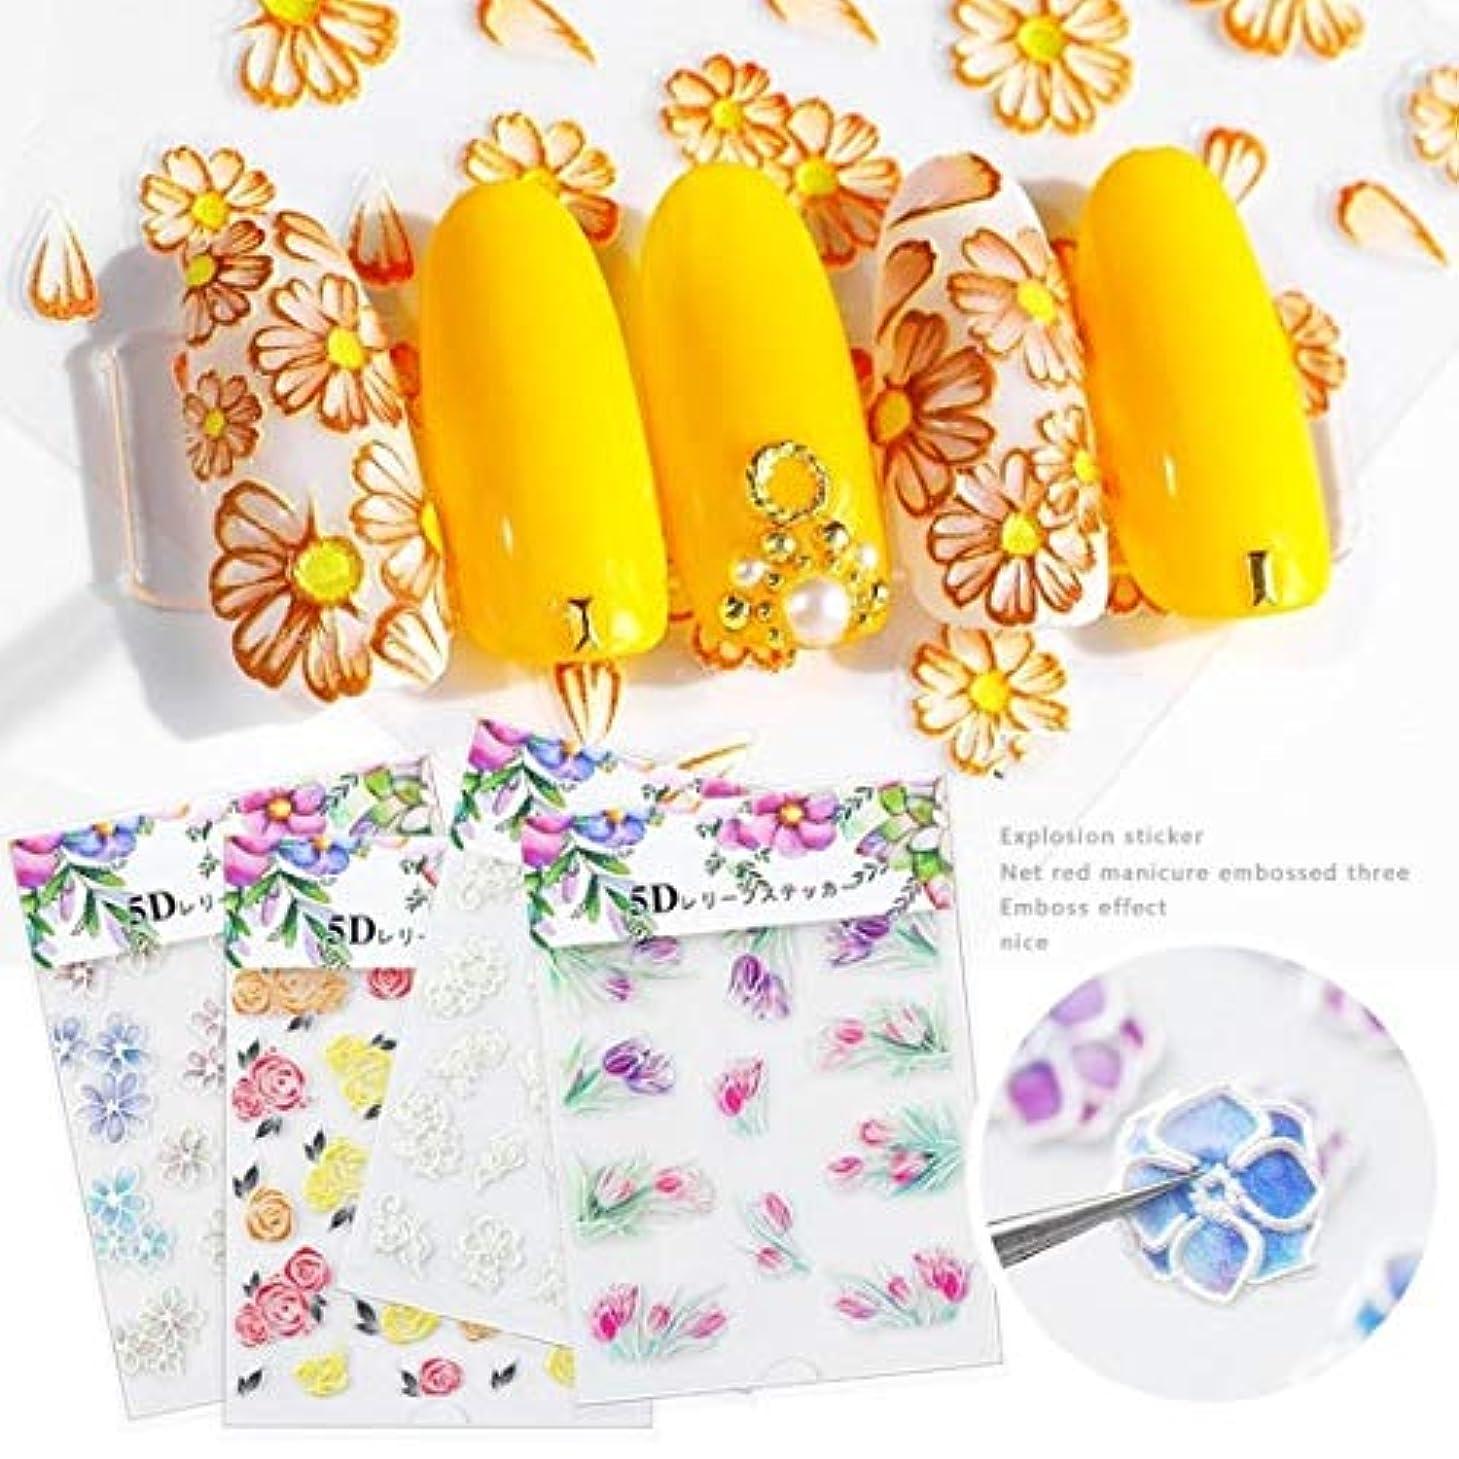 クライストチャーチ比較的百OWNFSKNL 5Dネイルステッカーセット10枚の花柄自己粘着転写デカールネイルアートマニキュア装飾ツール